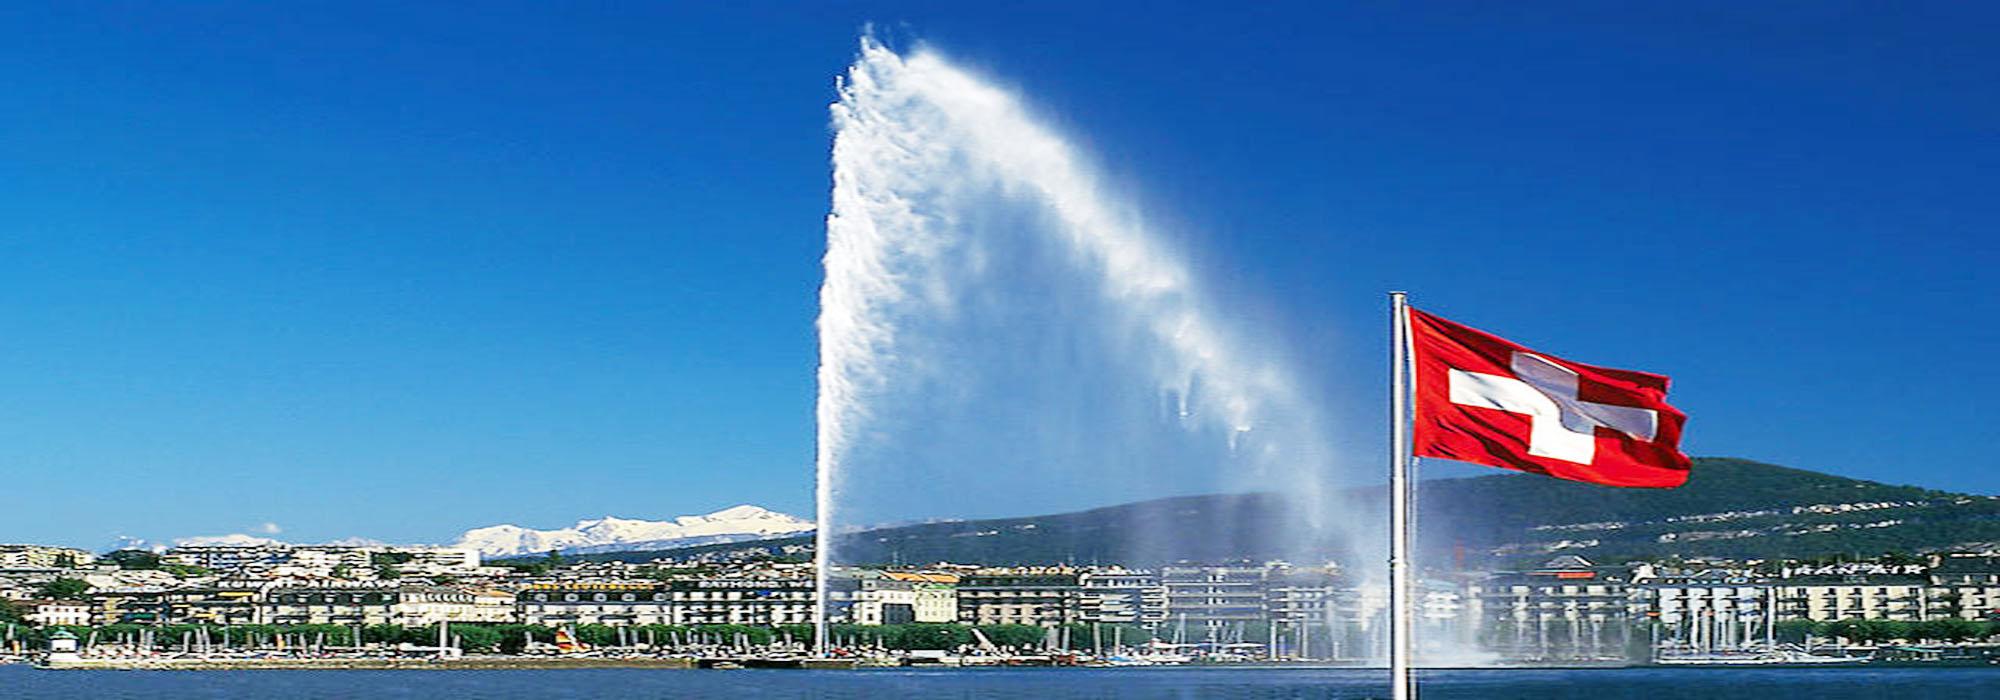 Geneva 1 2000 x 700